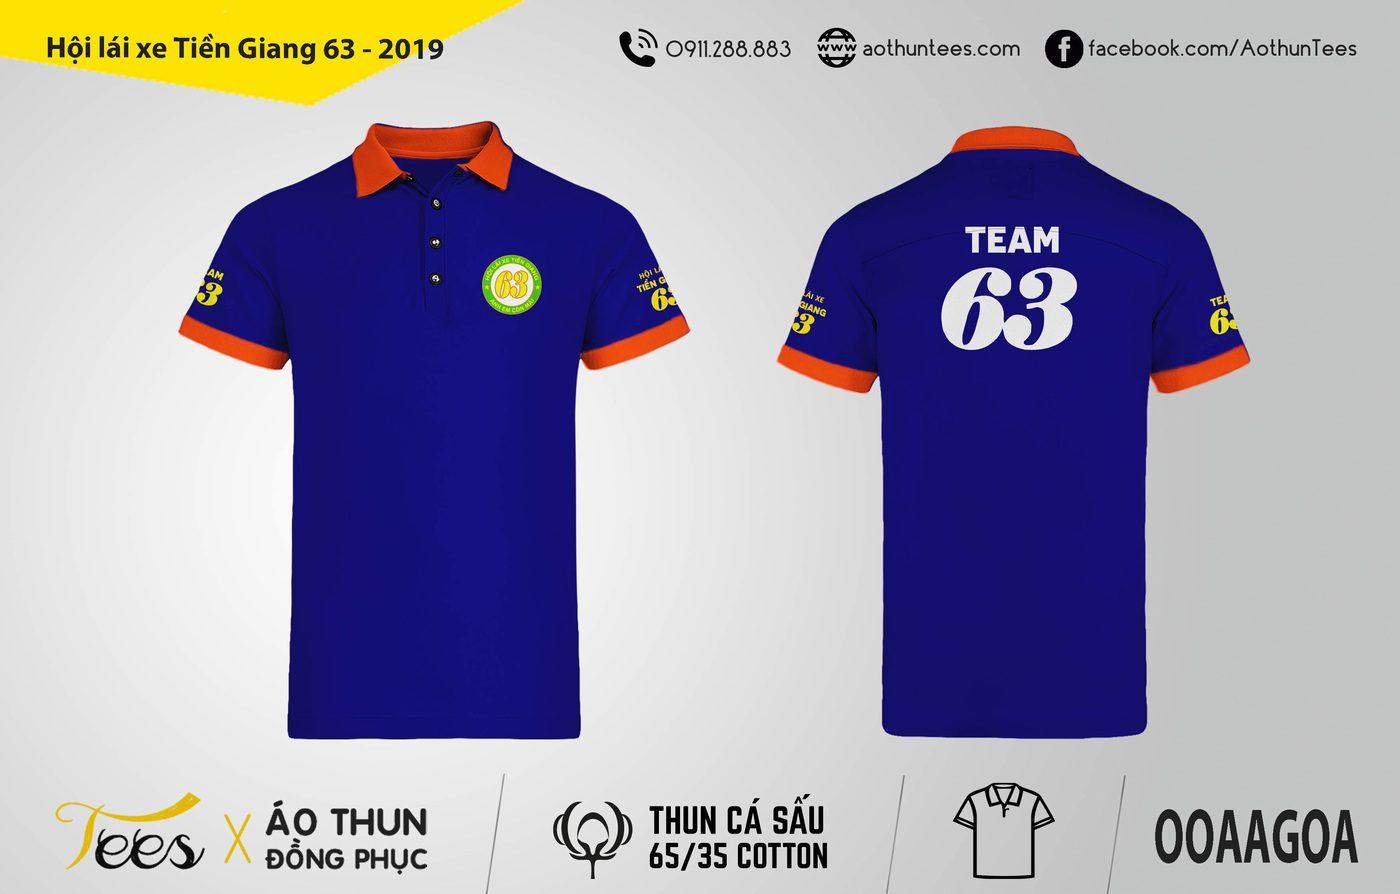 Áo thun đồng phục – Hội lái xe Tiền Giang – Năm 2019